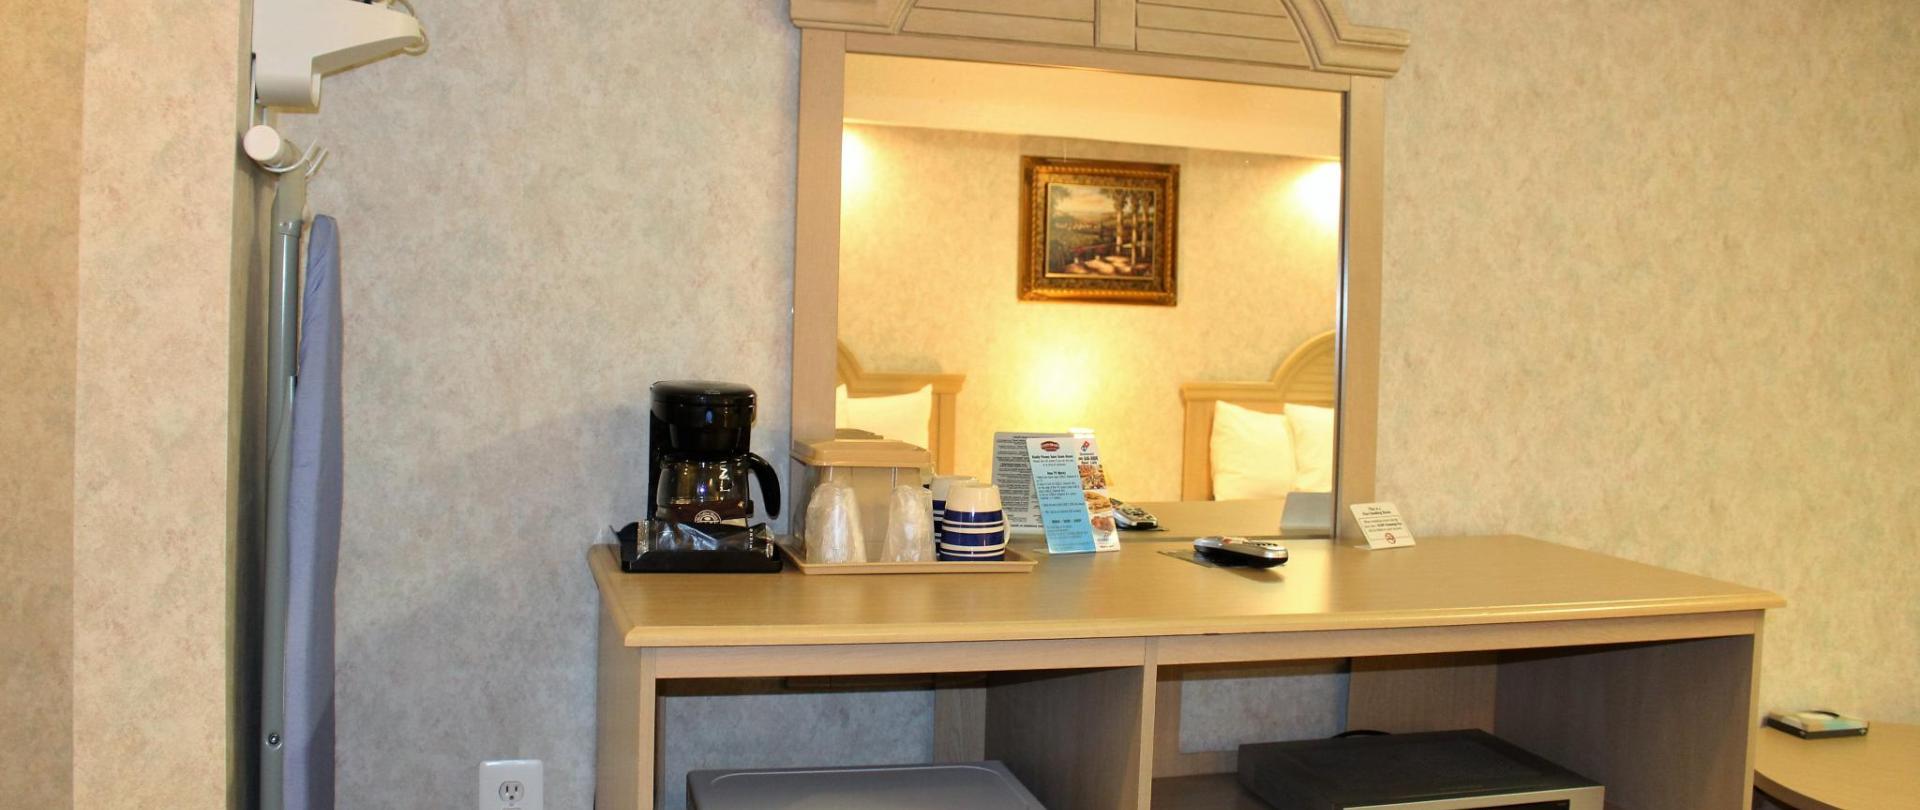 Room Amenities 1.JPG